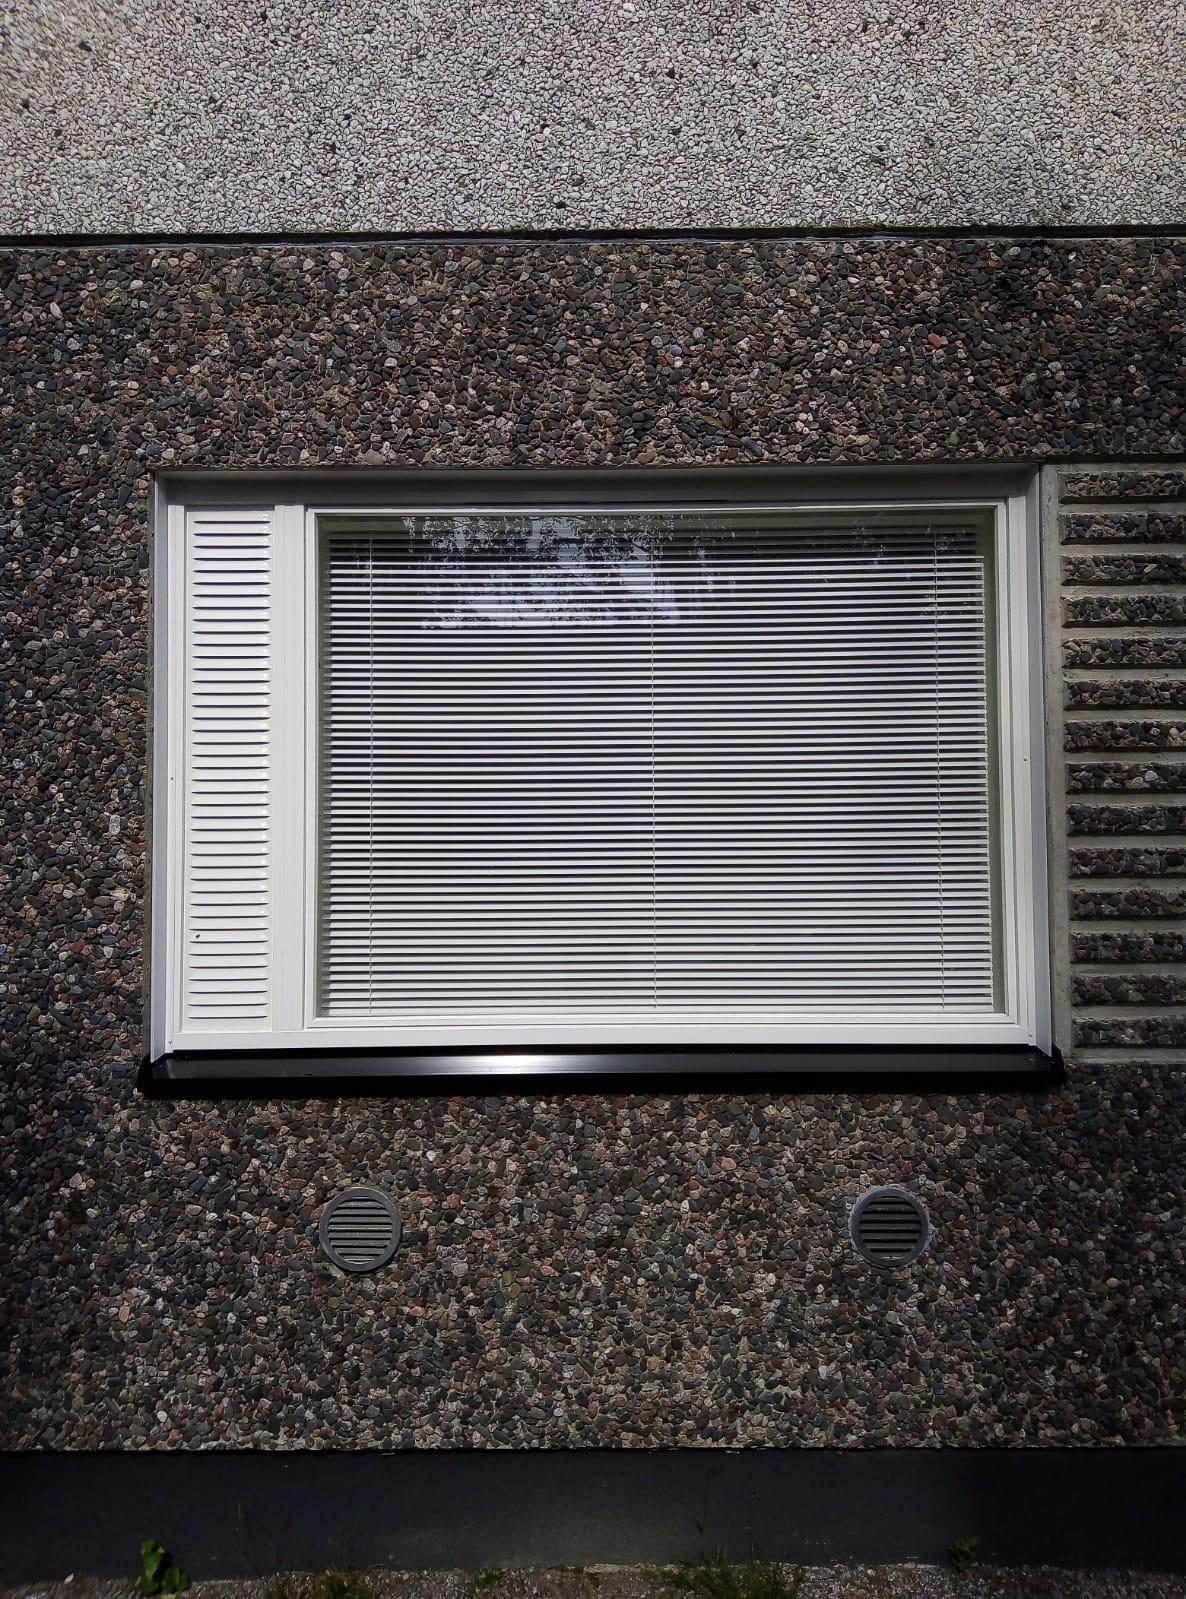 Kodin Laatusaneeraus Oy ikkunaremontti 4